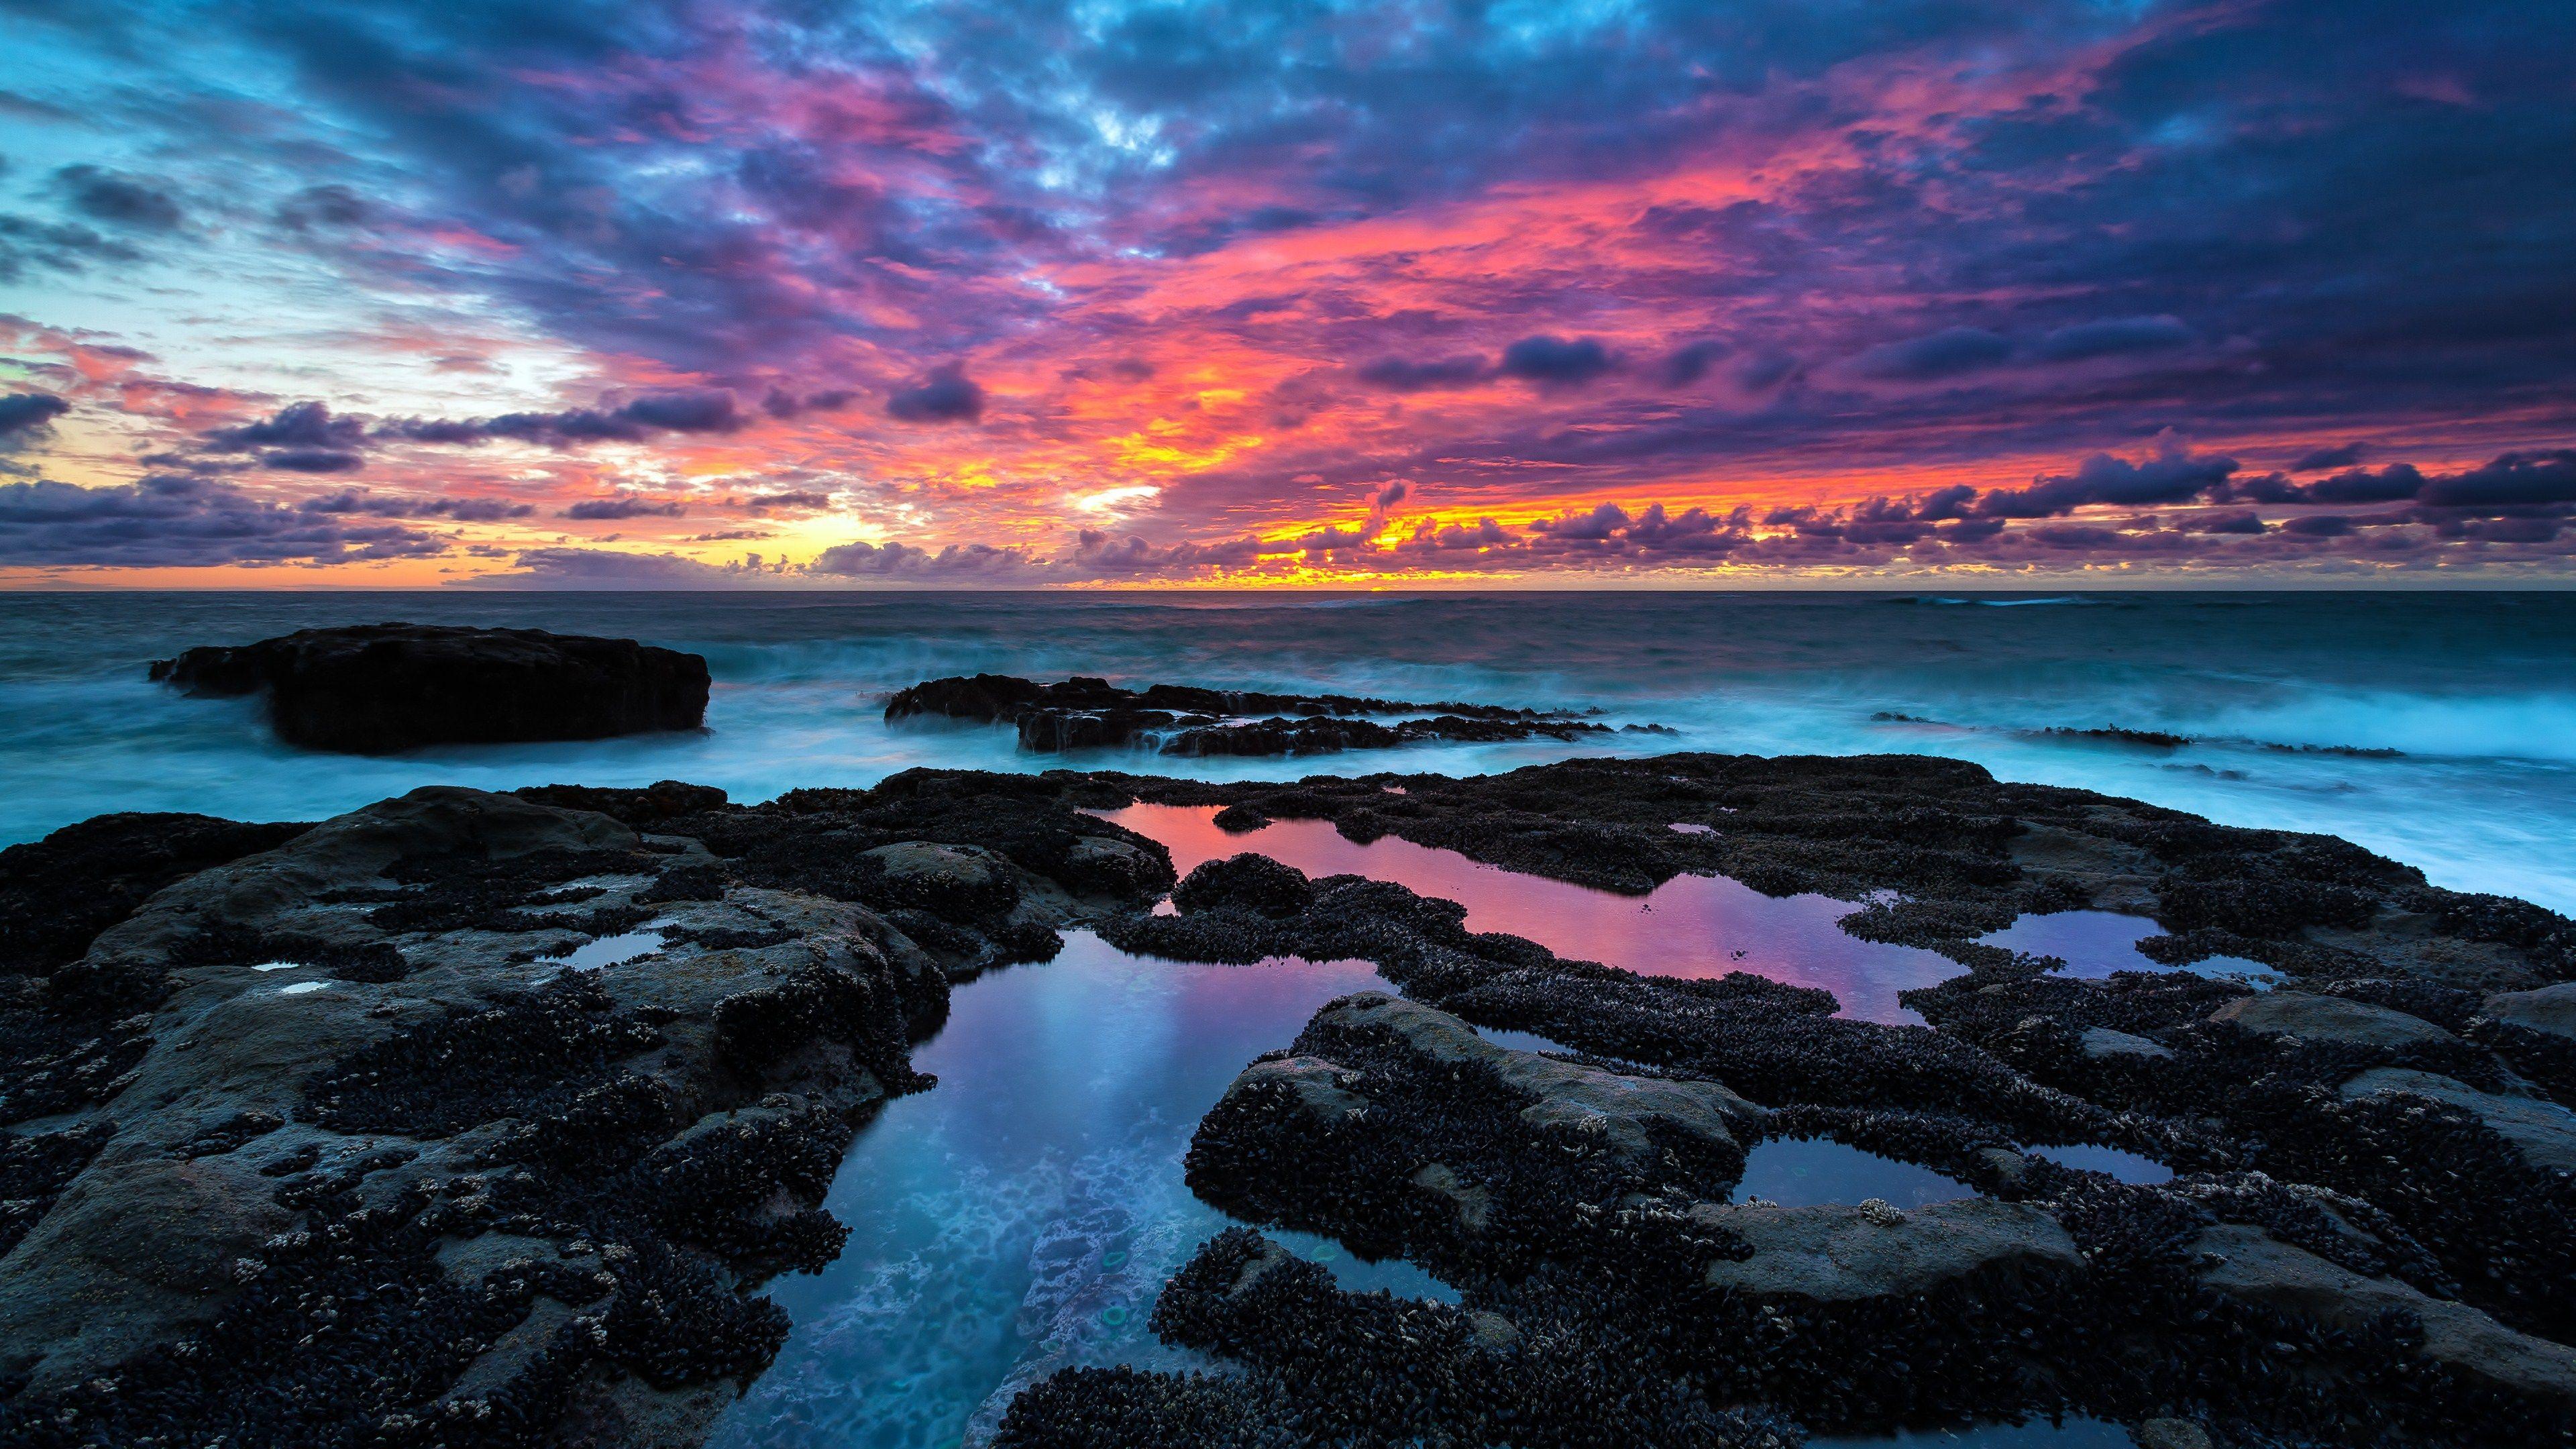 Tags Paisajes Ultra Wallpapers Autos Landscape Background Hd Landscape Sunset Wallpaper